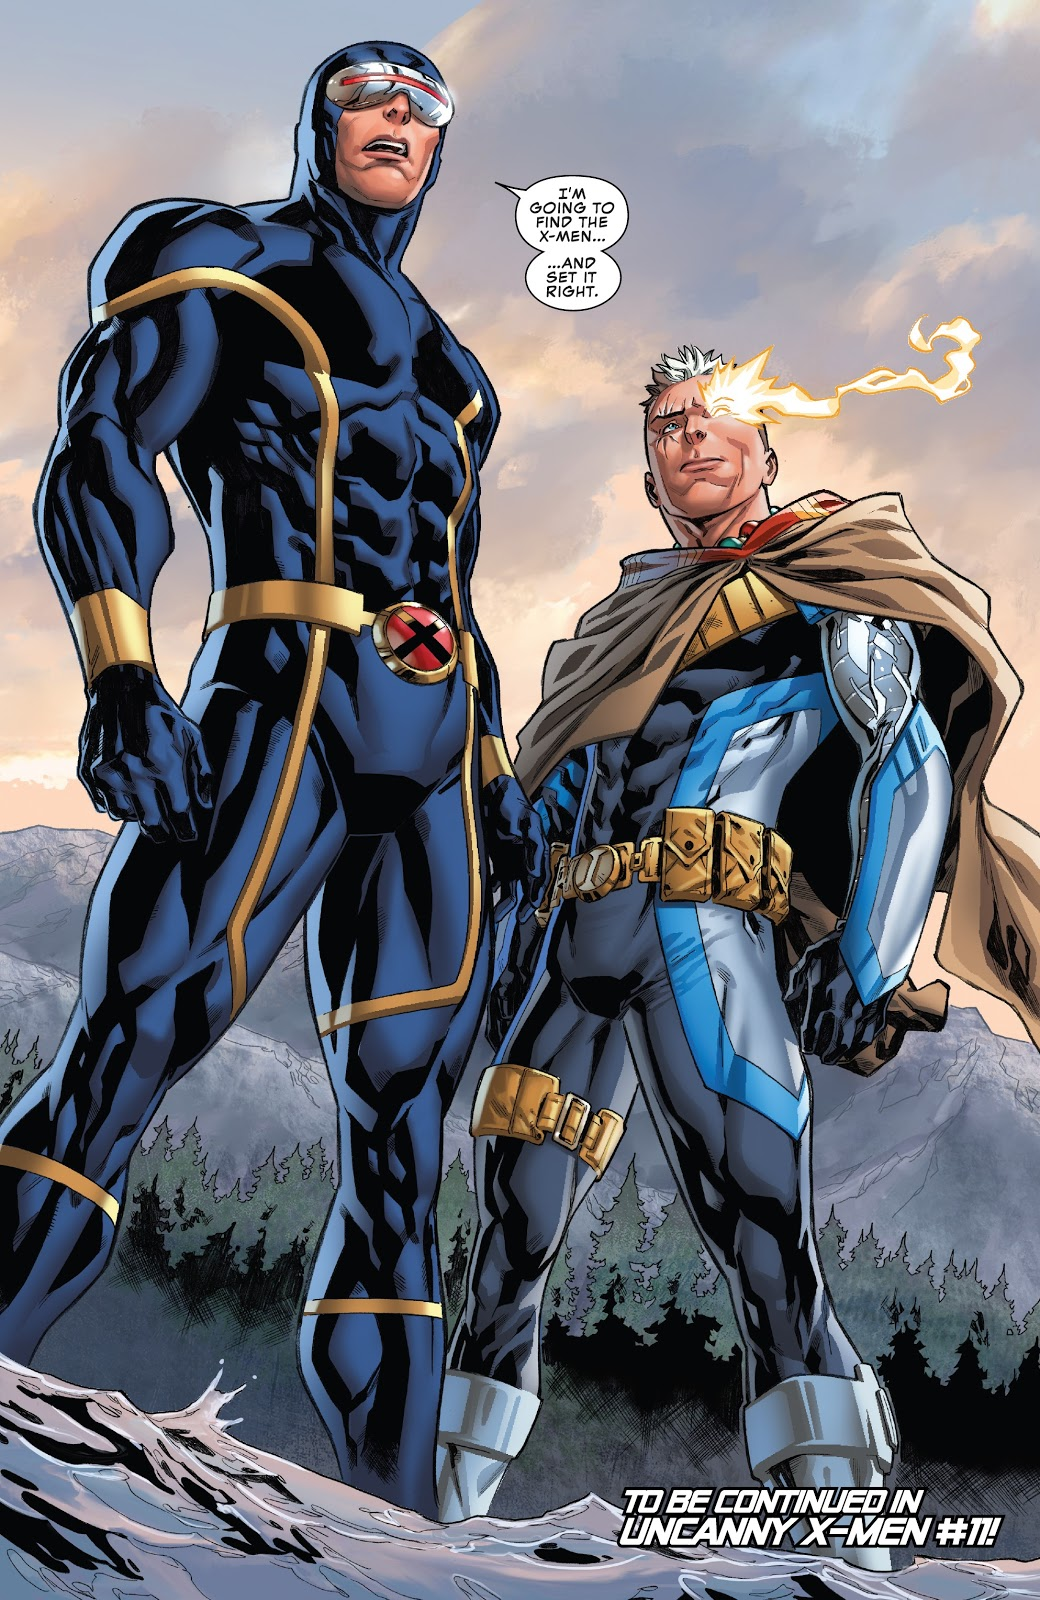 Marvel Comics Universe & Uncanny X-Men Annual #1 Spoilers ...X Men Cyclops Comic